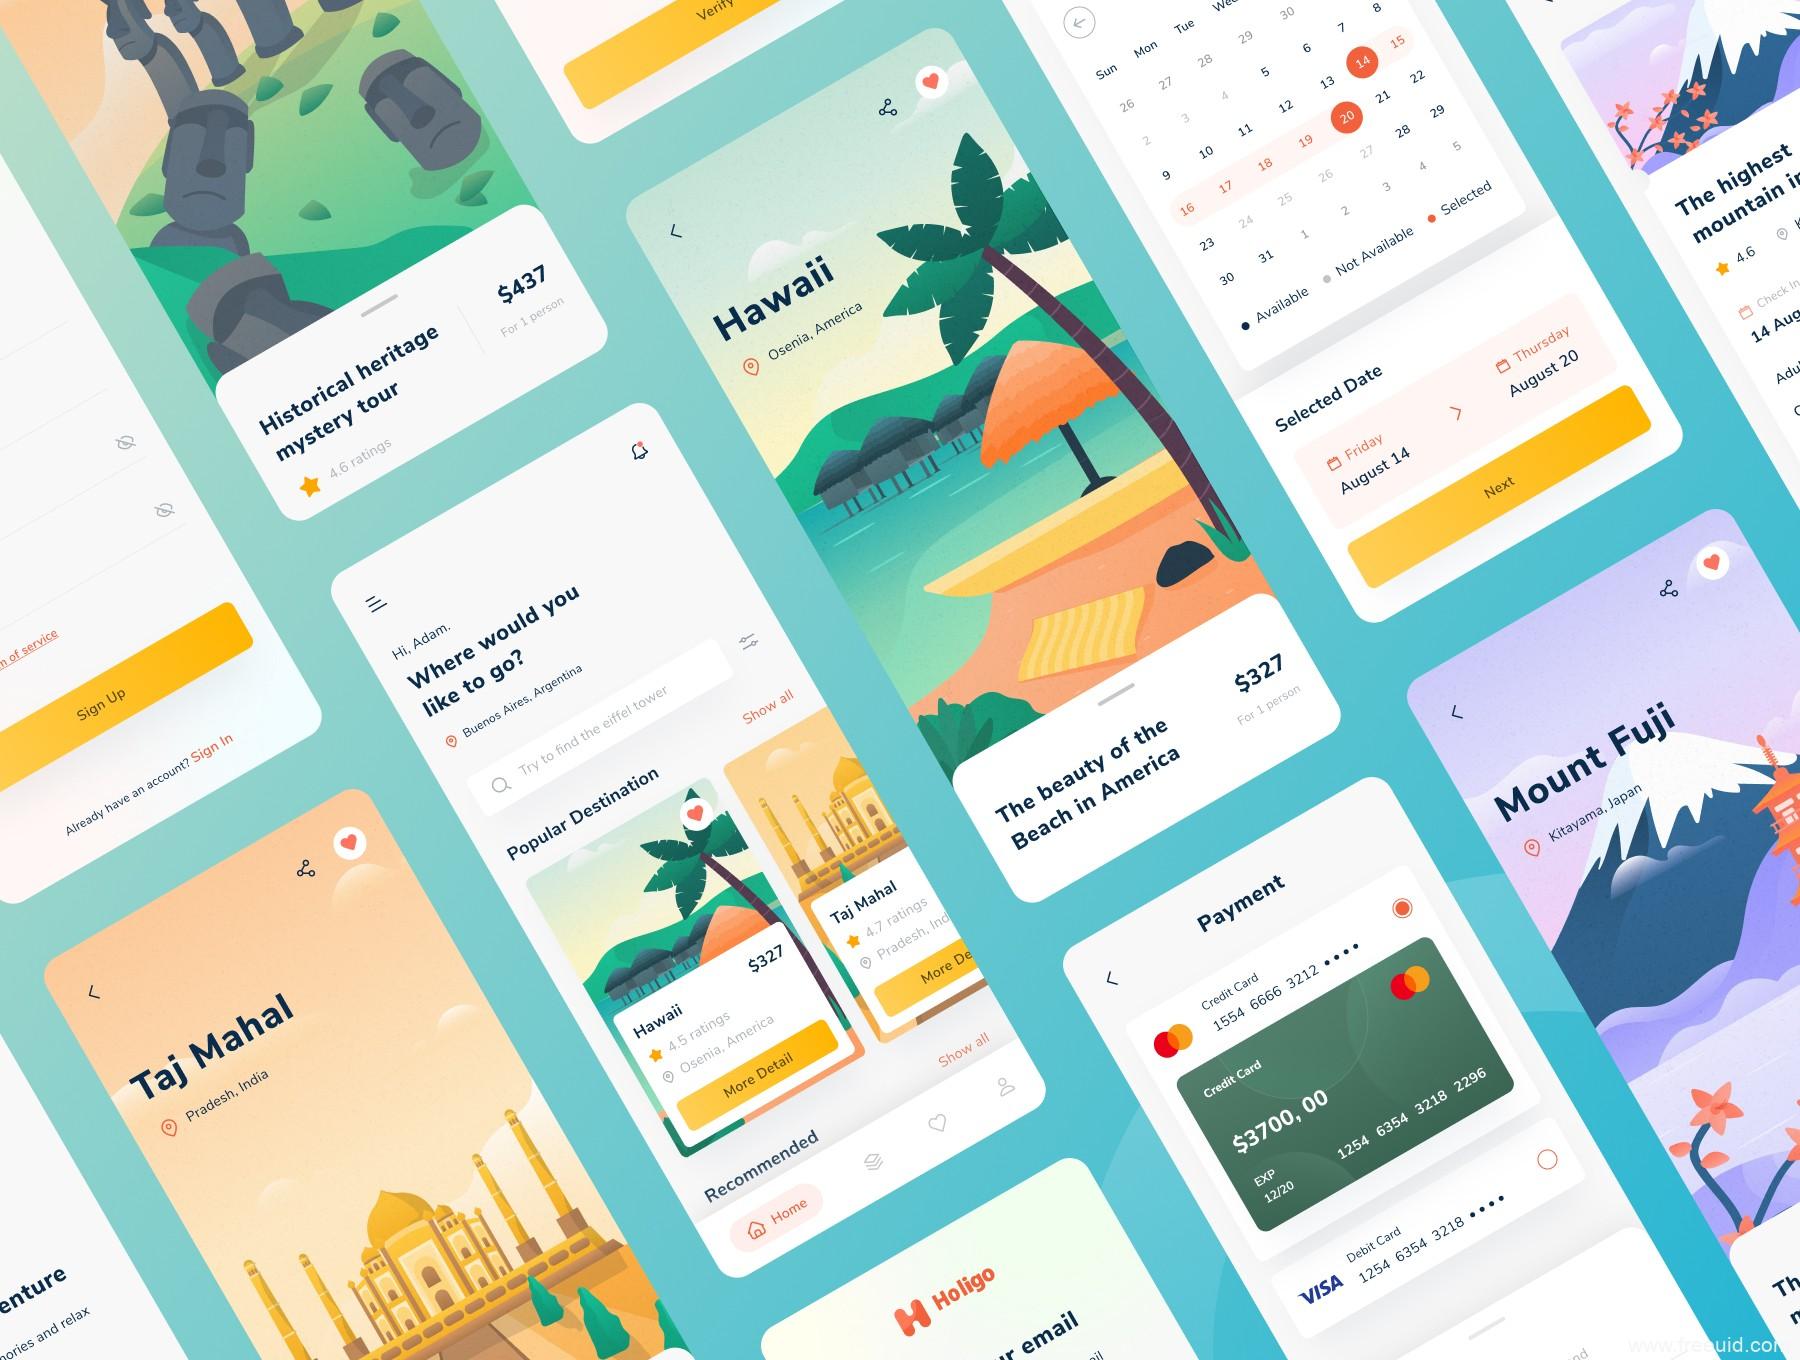 一套东南亚风旅游app UI源文件下载,插画风旅游app UI资源下载, svg,ai,eps,sketch,fig源文件